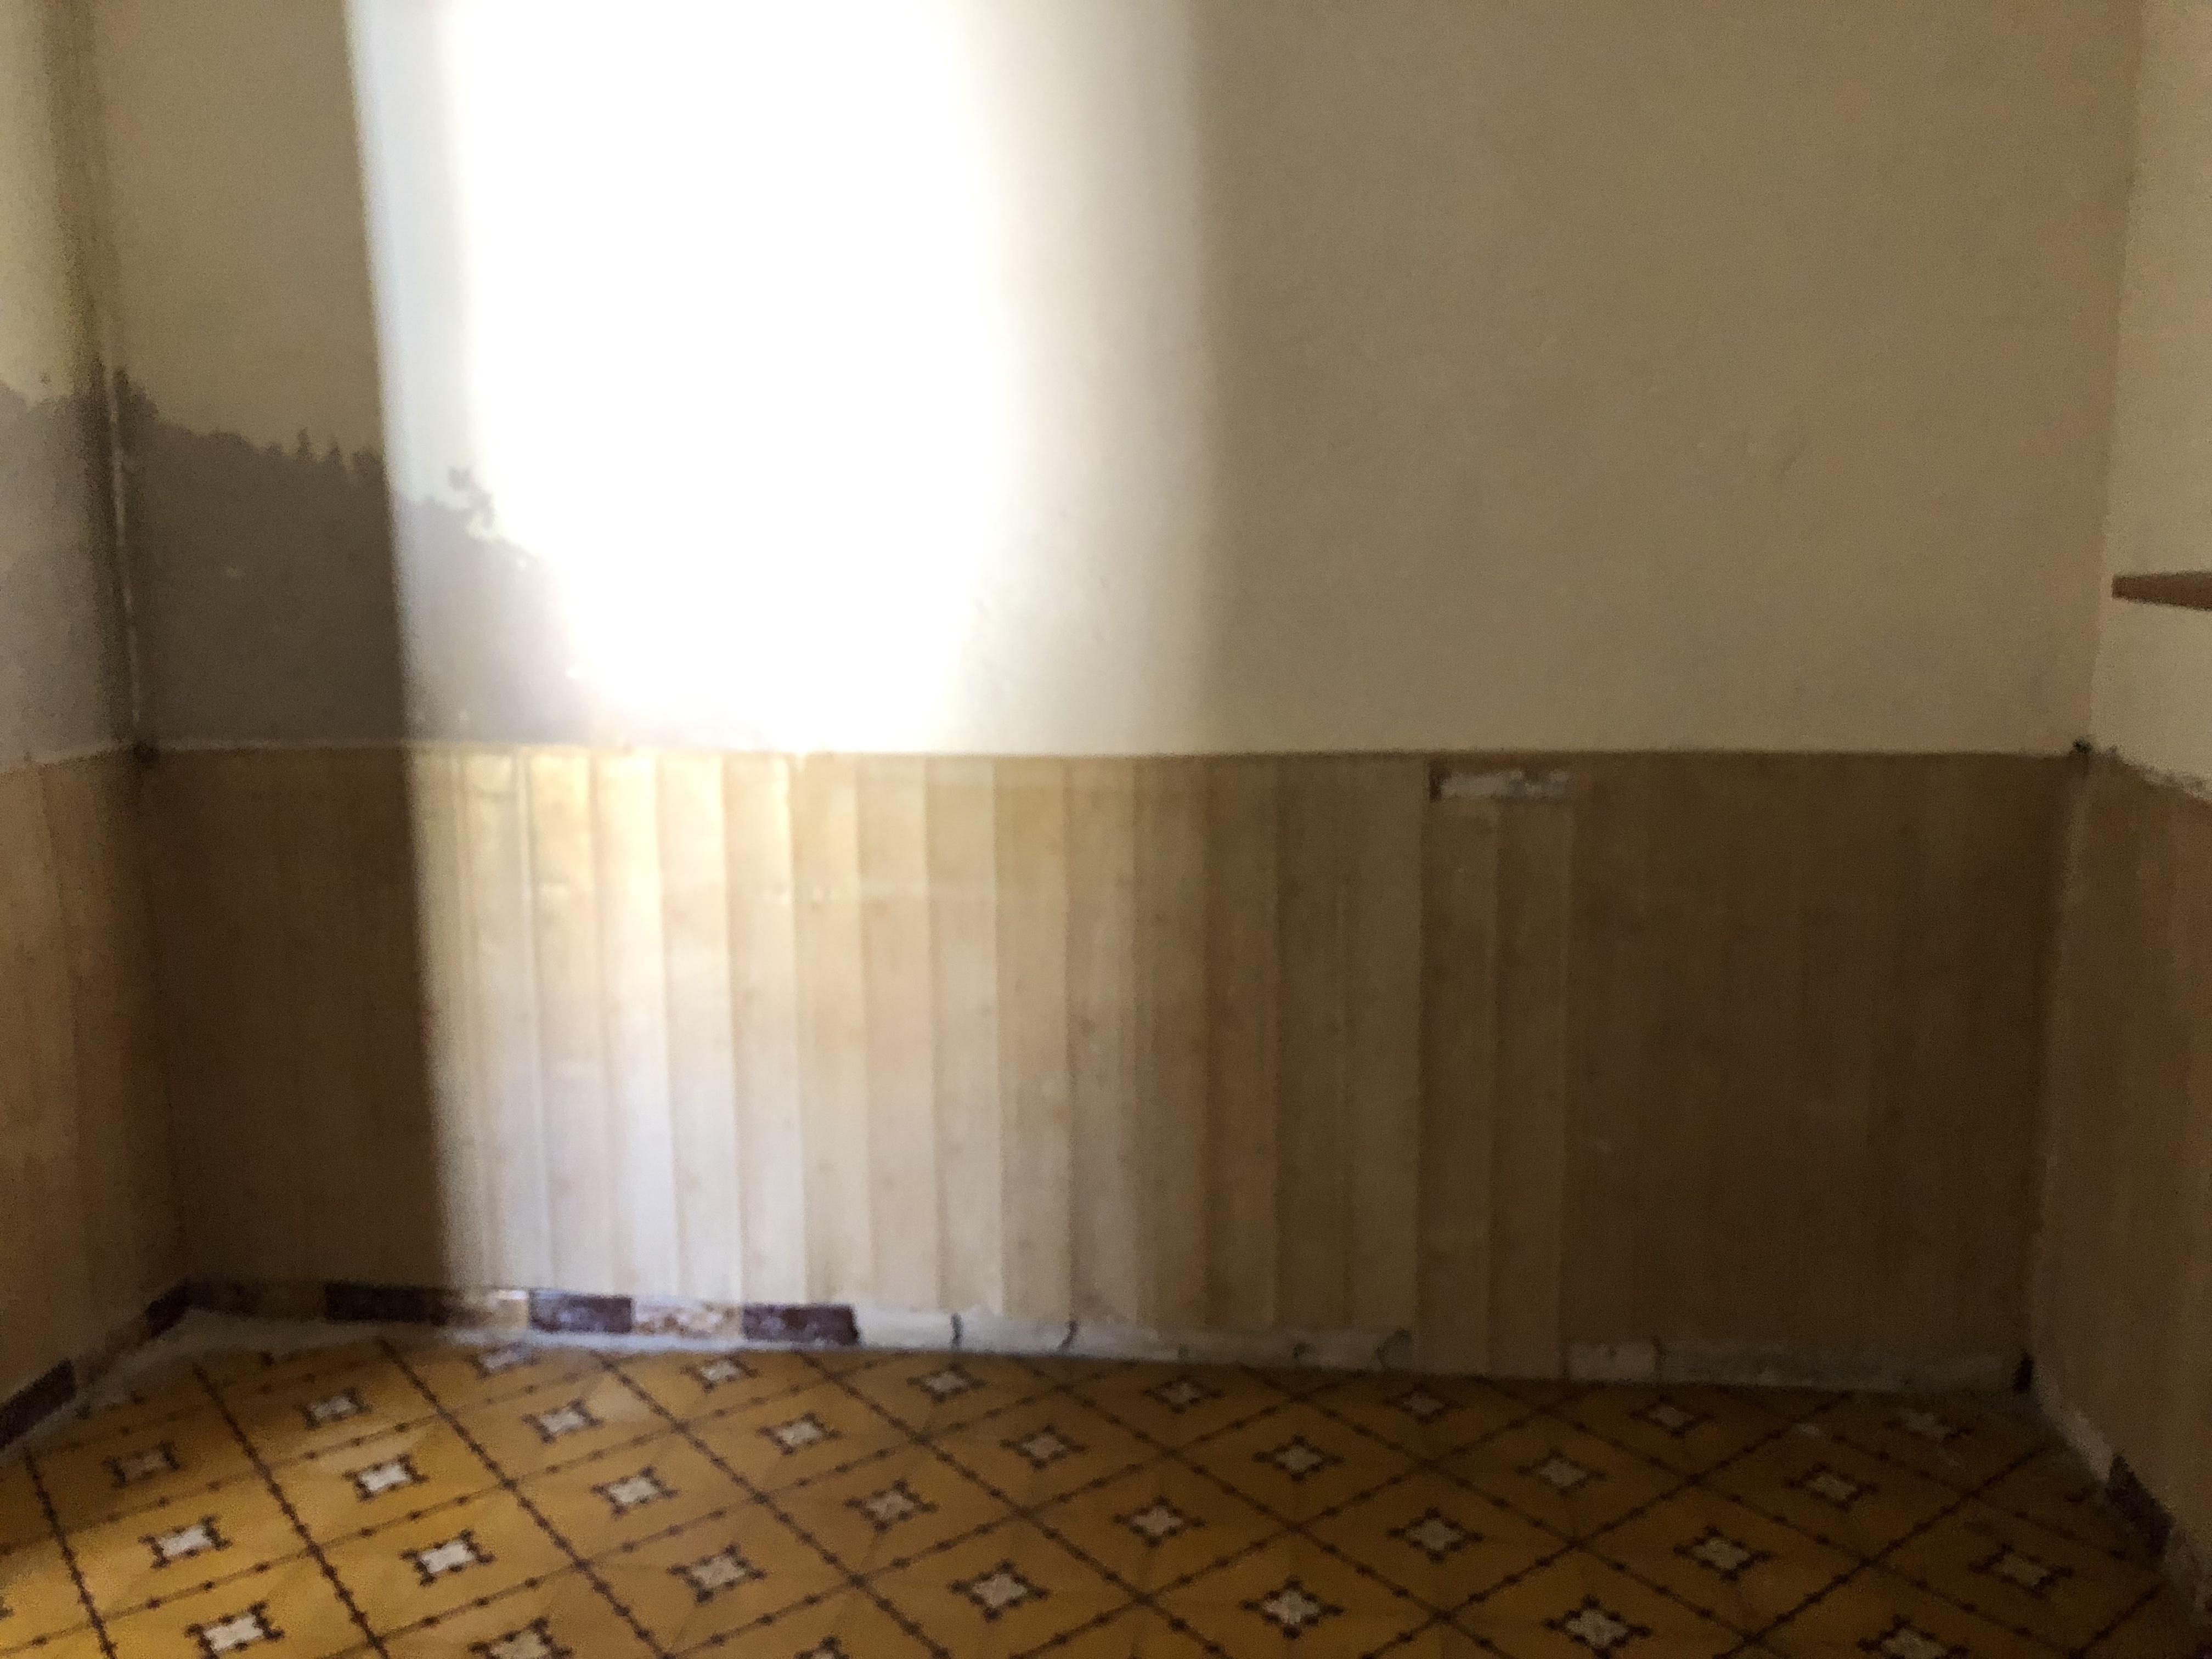 Piso en venta en Pedanía de Algezares, Murcia, Murcia, Calle Canalejas, 41.400 €, 3 habitaciones, 1 baño, 154 m2